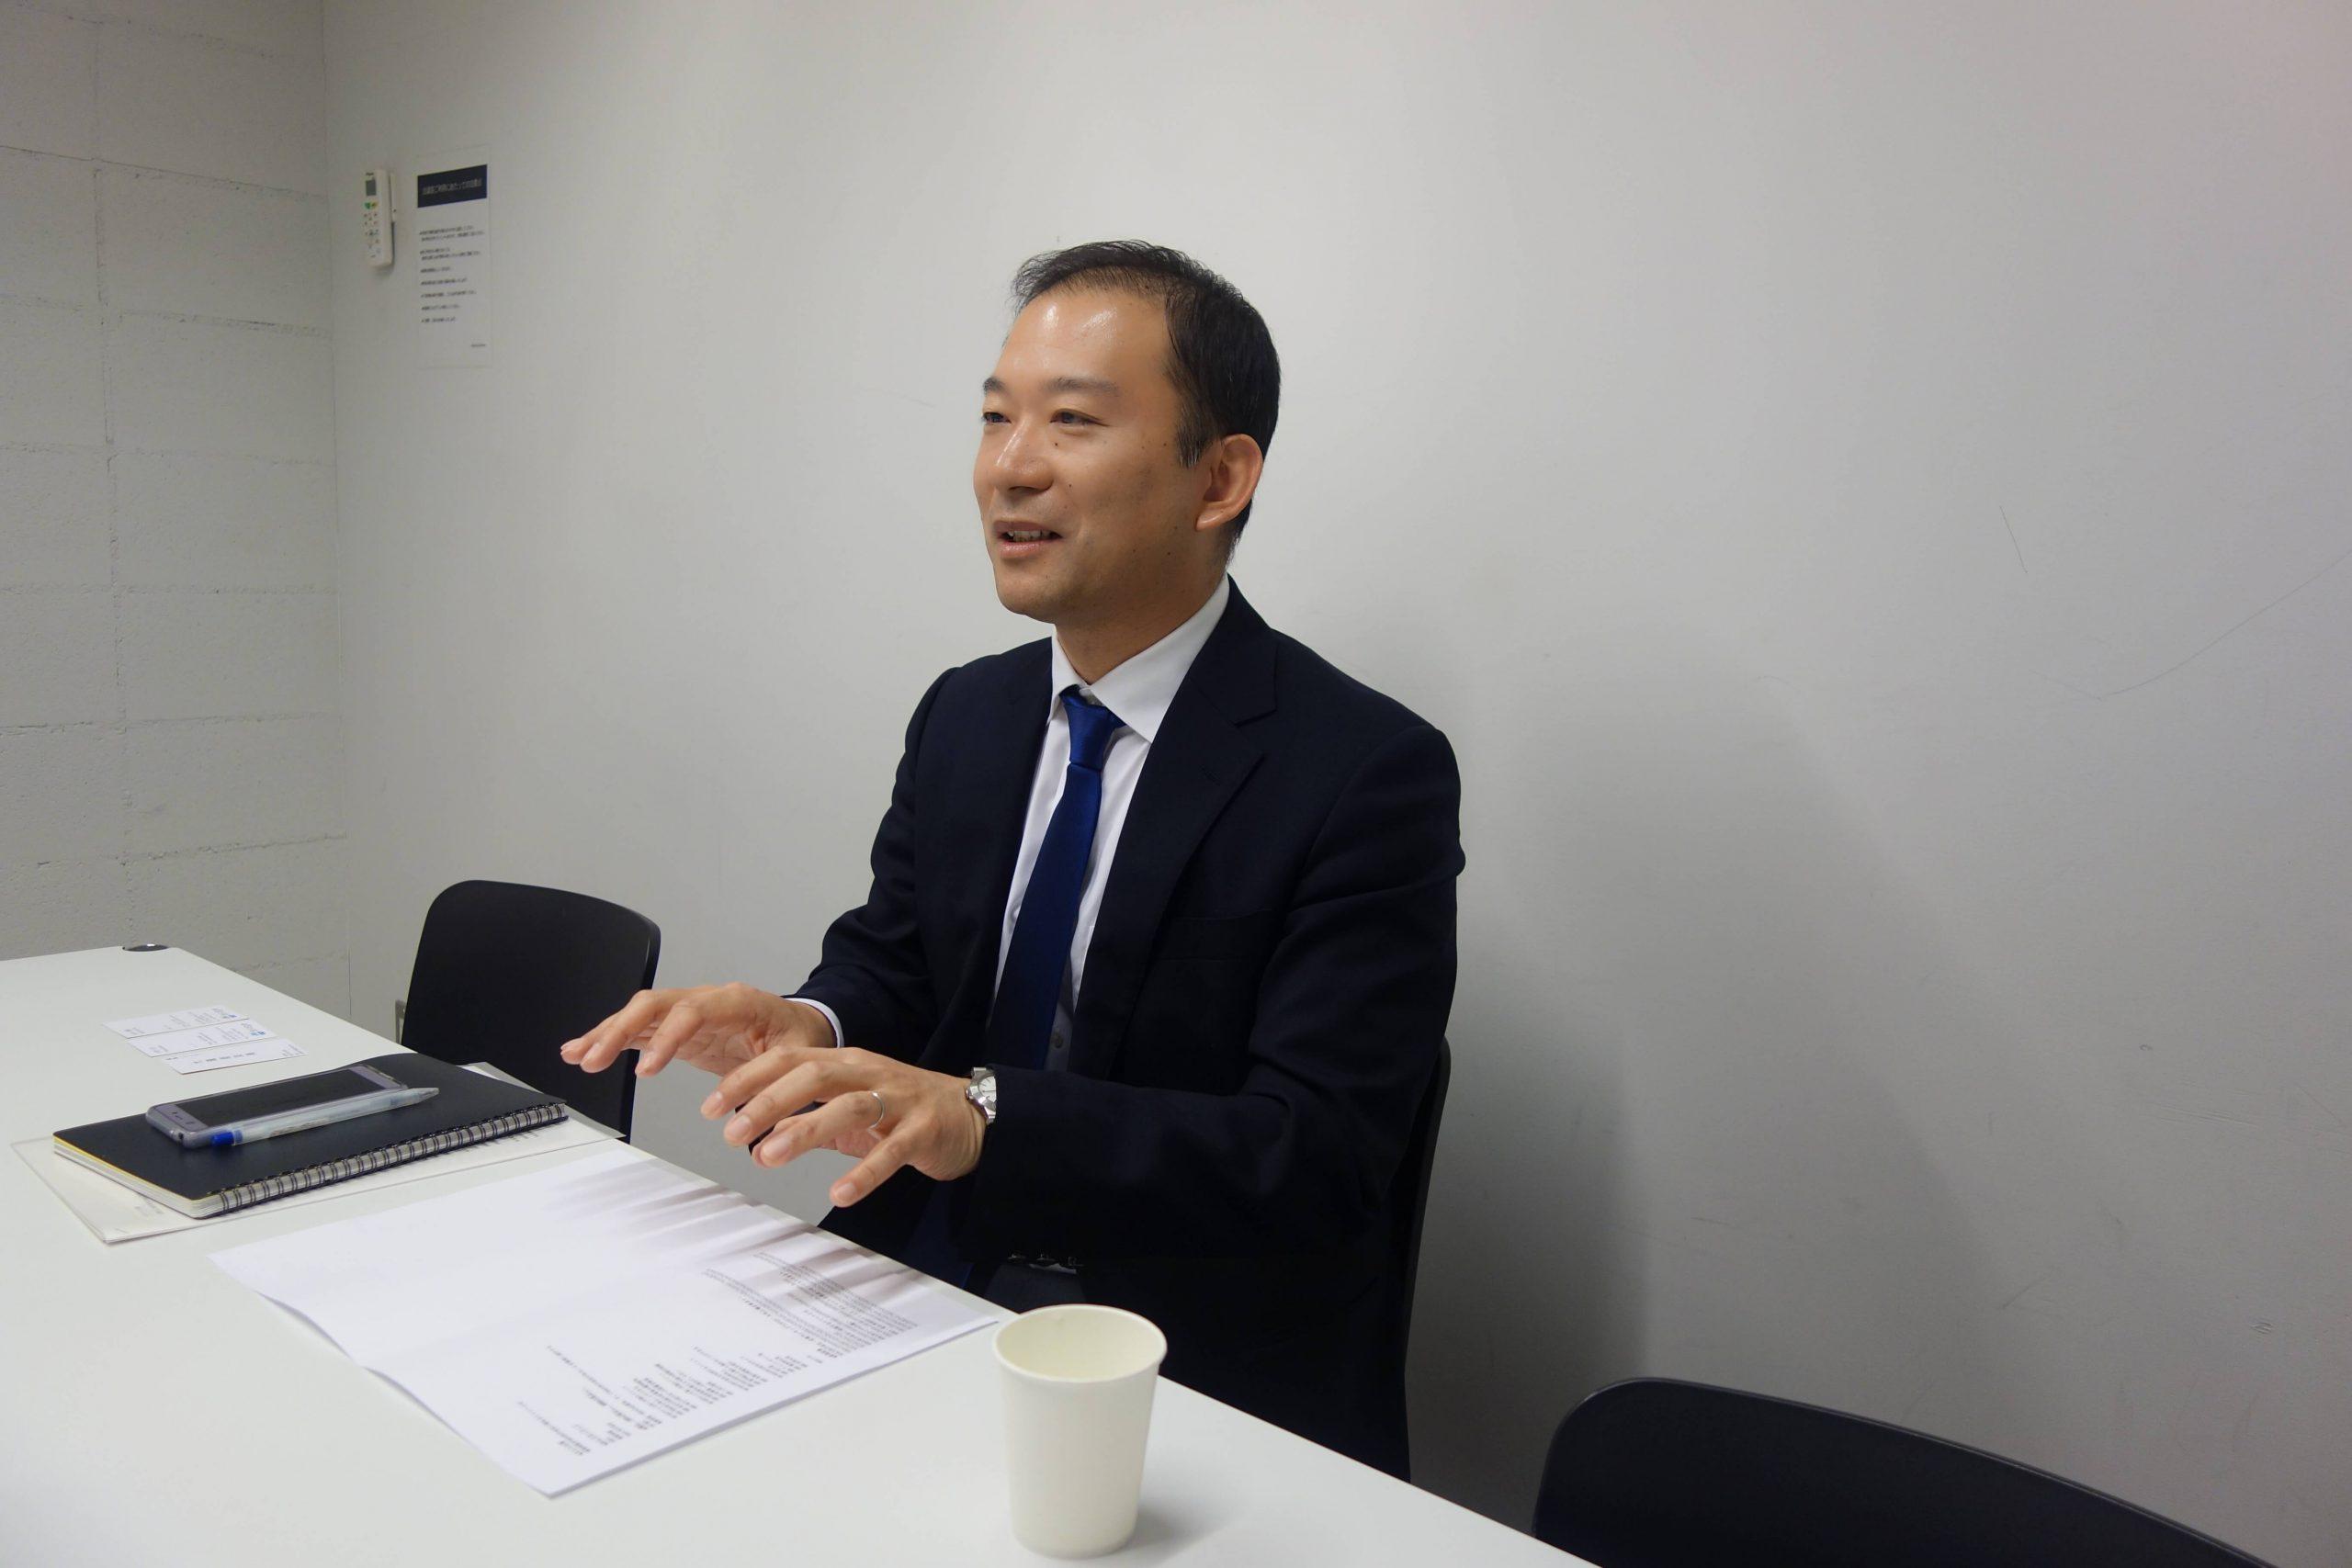 池田輝之氏のインタビューシーン2